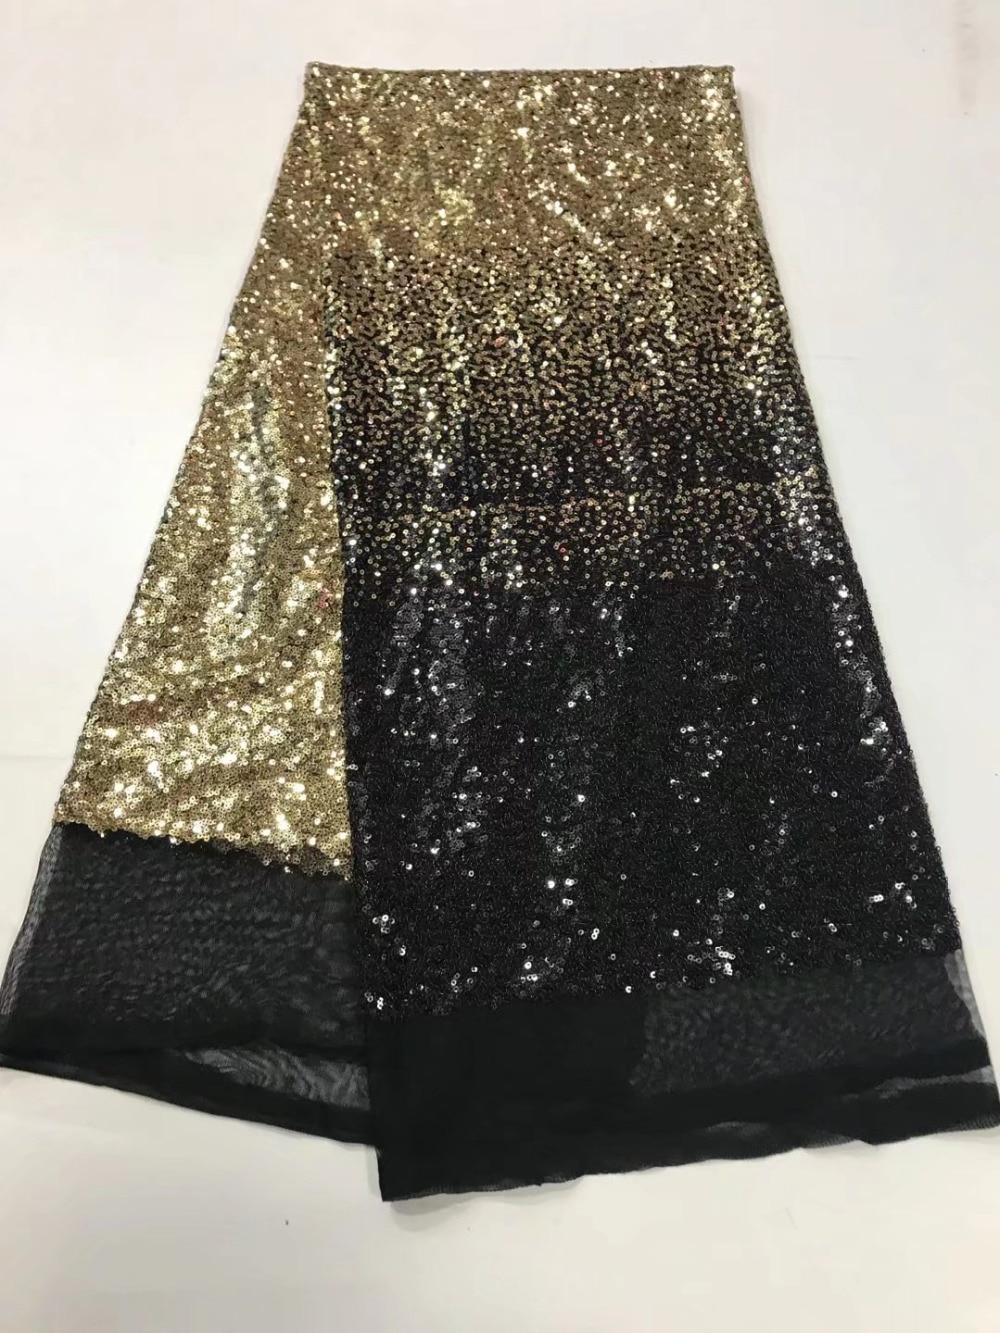 Золотая и черная Мелодия органза французские шнурки Ткань с блестками Высокое качество двойной цвет тюль чистая кружева Мягкая ткань для ж...